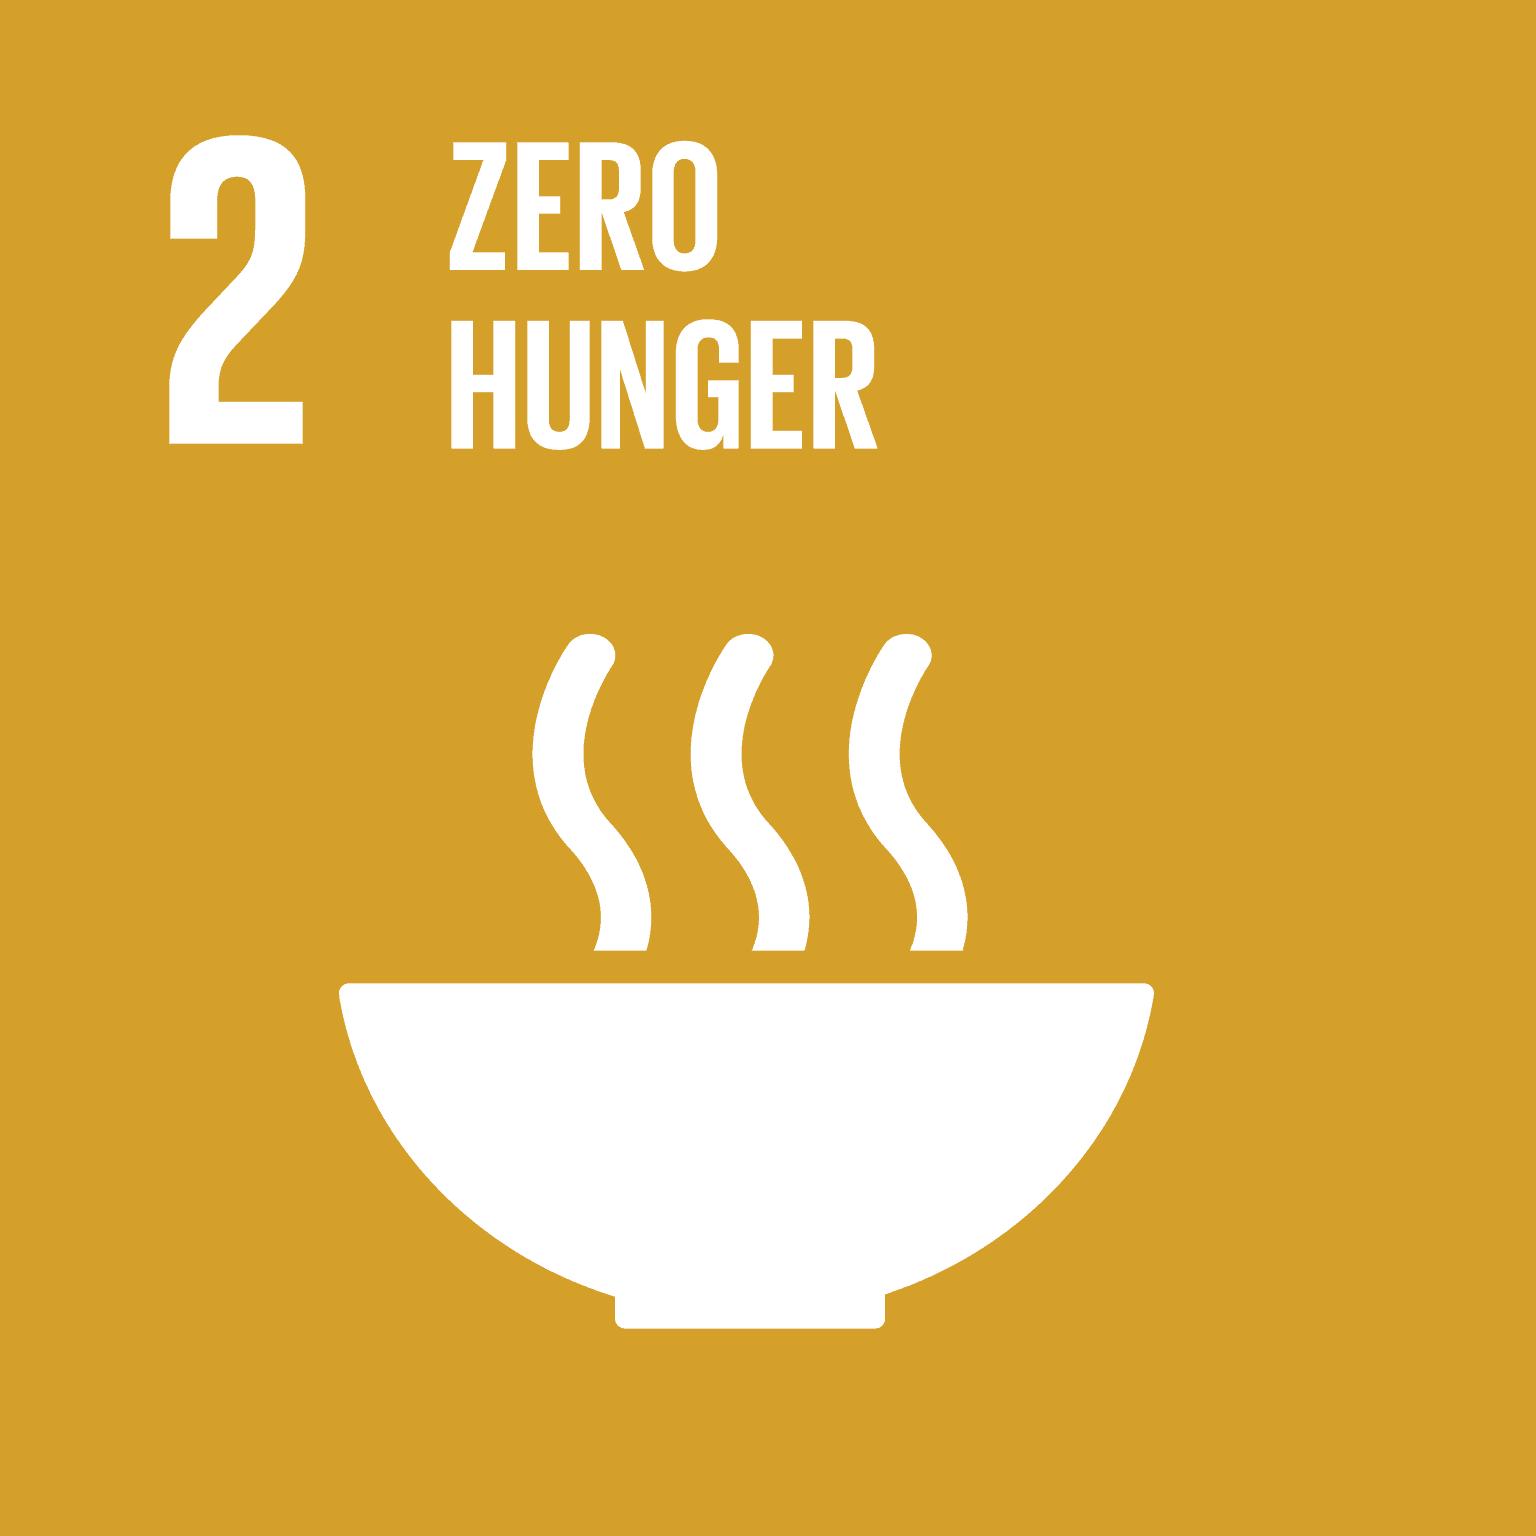 zero hunger icon